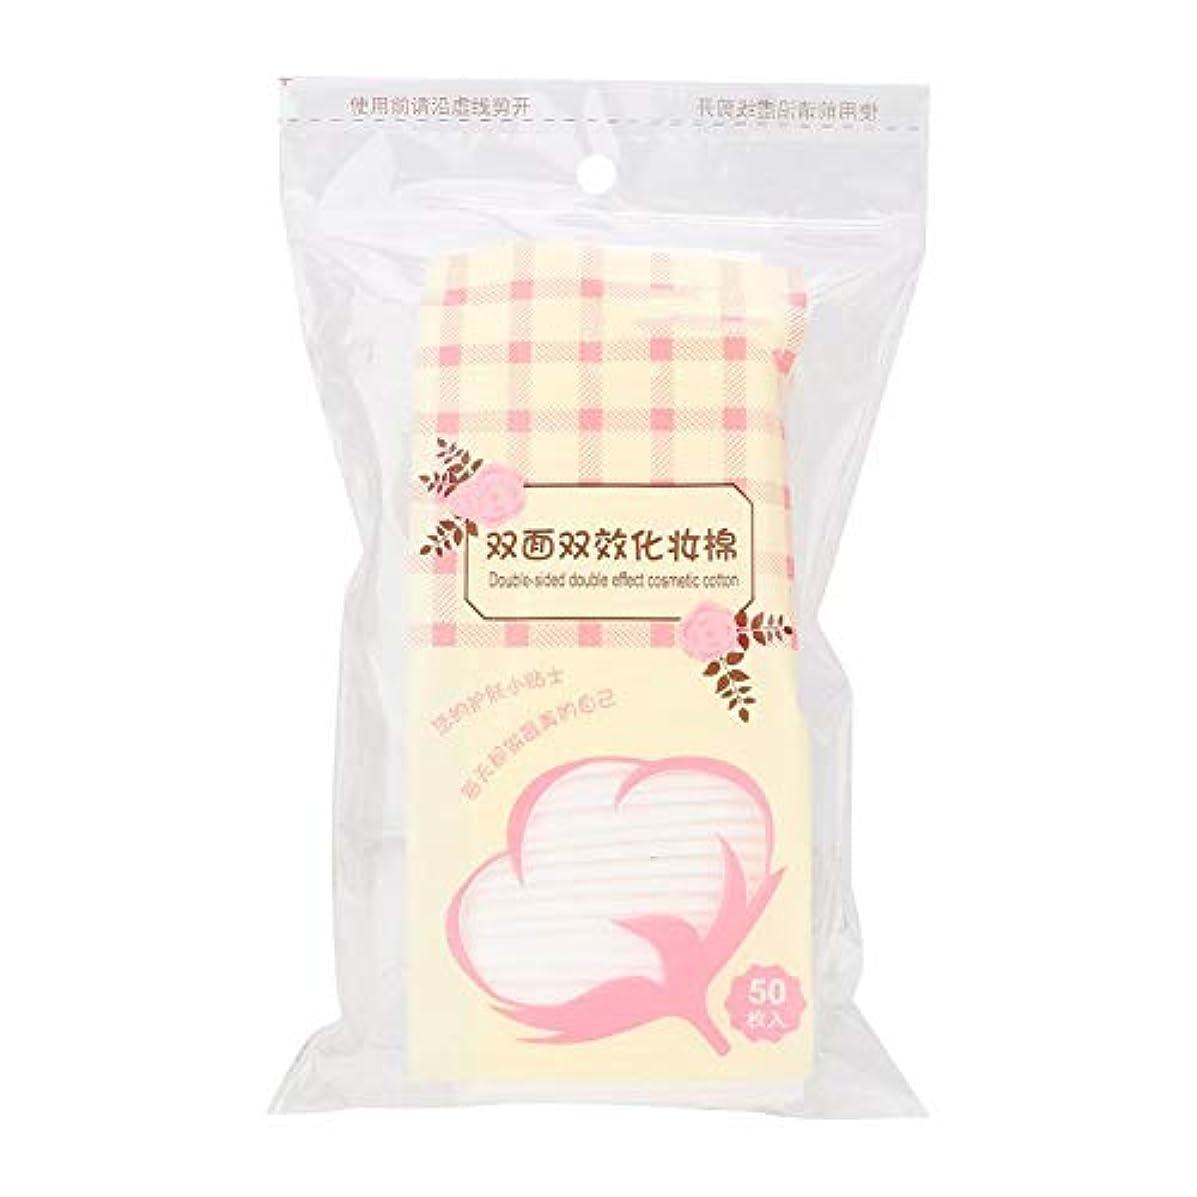 レモンカナダサンダル使い捨て不織布洗顔コットンワイプ